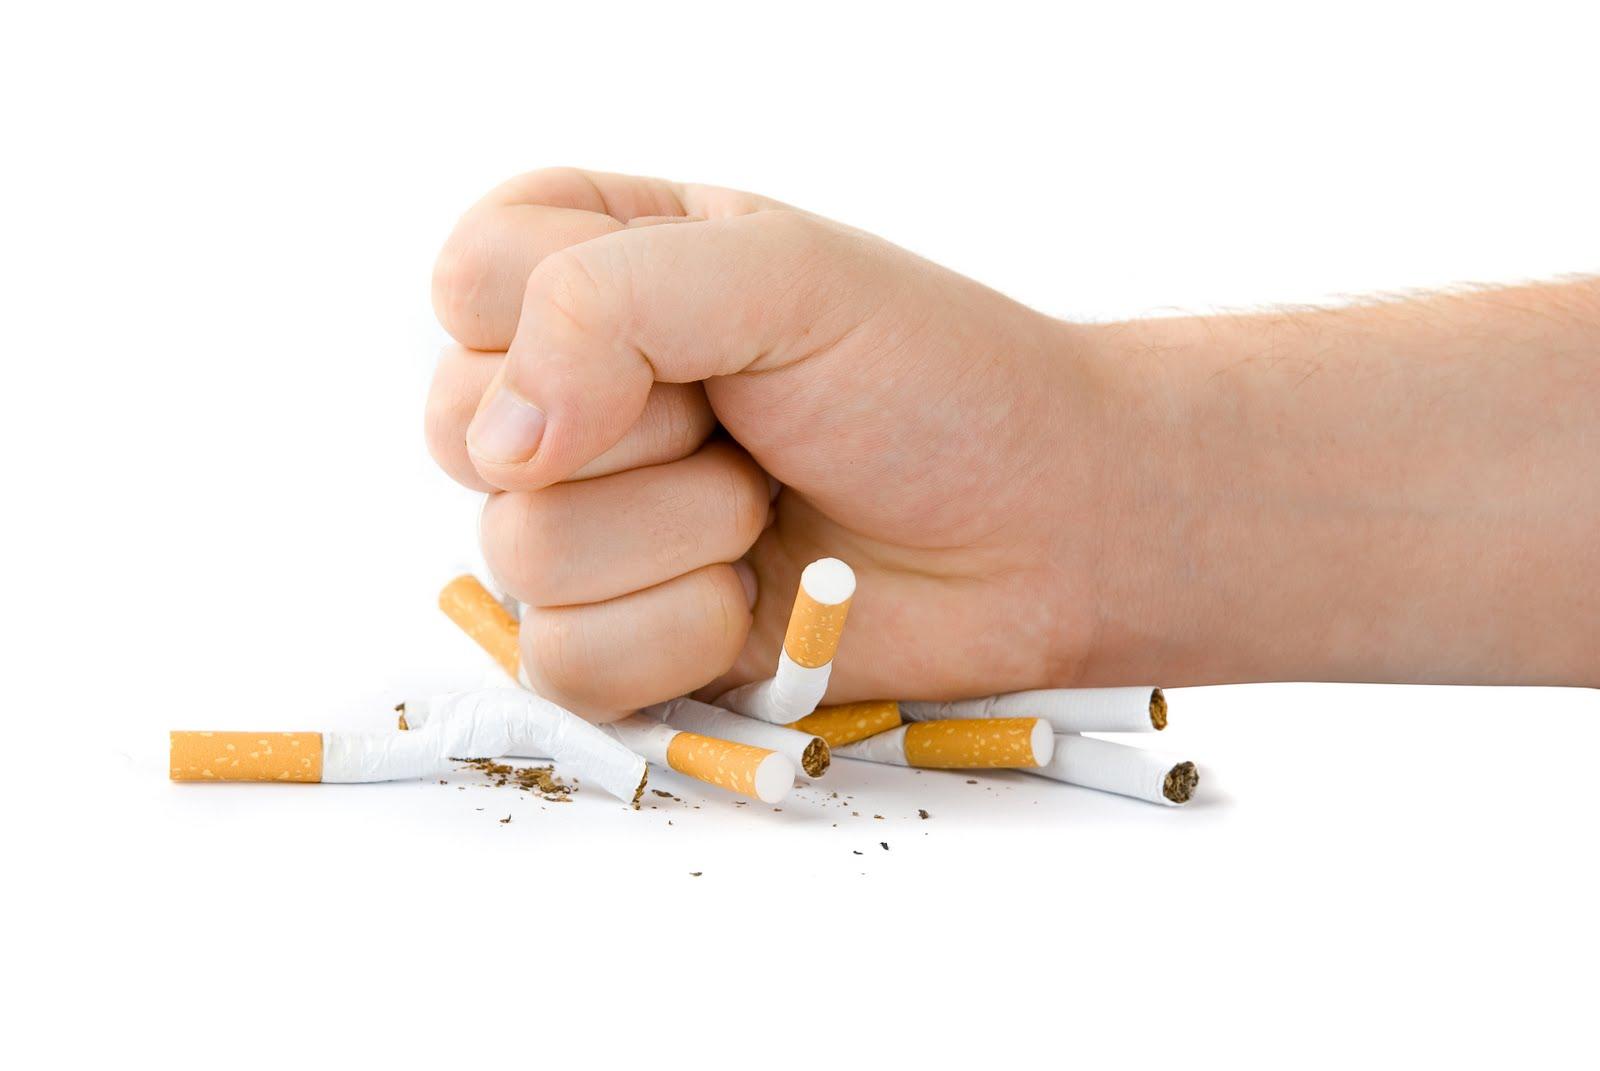 10 قدم برای ترک سیگار